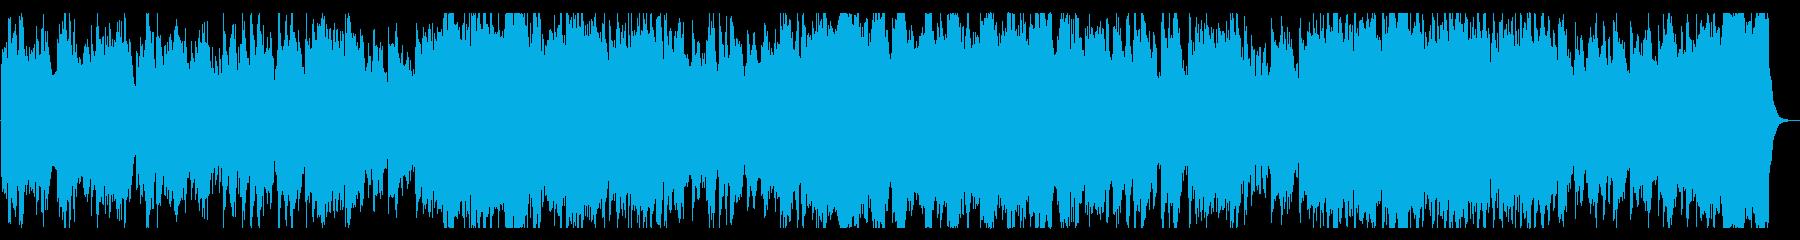 悲しい・壮大・ストリングス・バラードの再生済みの波形